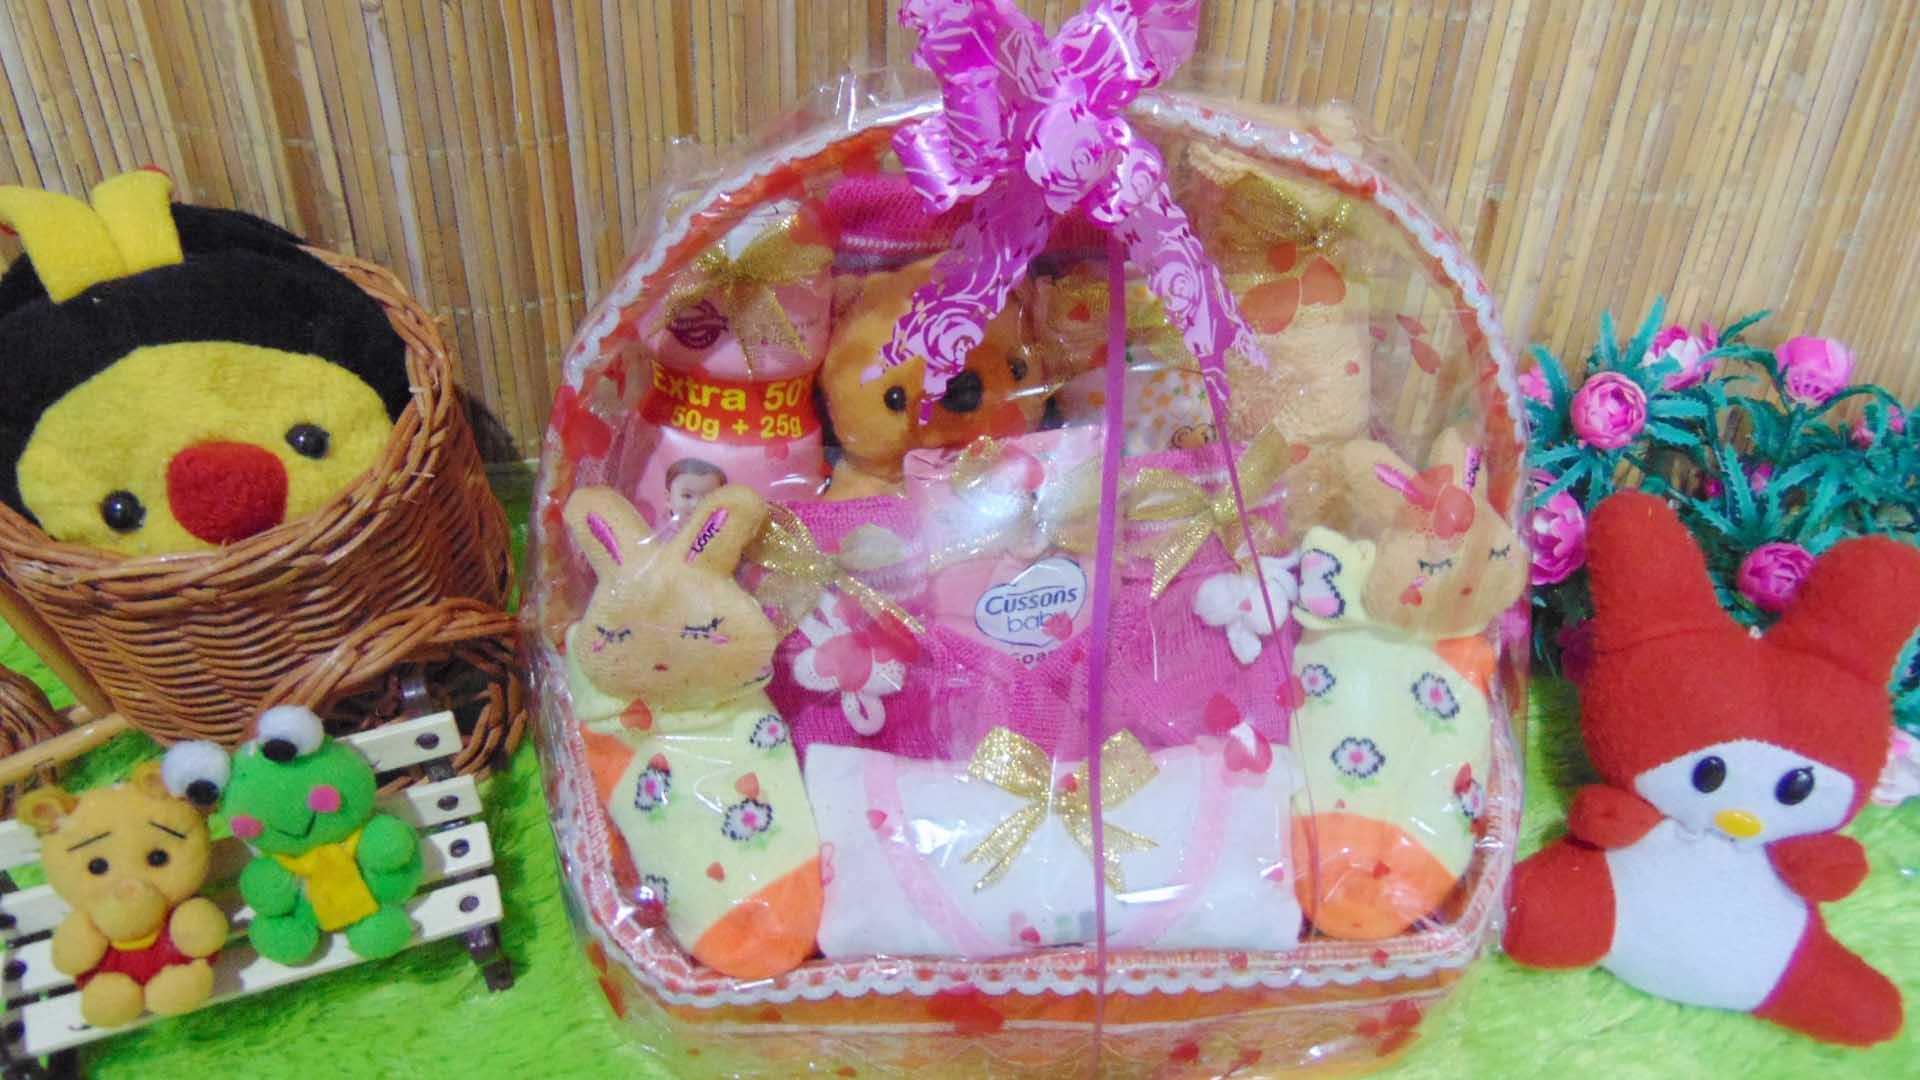 kembarshop - TERLARIS paket kado bayi baby gift – kado lahiran – parcel kado bayi – parsel bayi laki-laki – keranjang lilit GIRL pink merah istimewa komplit